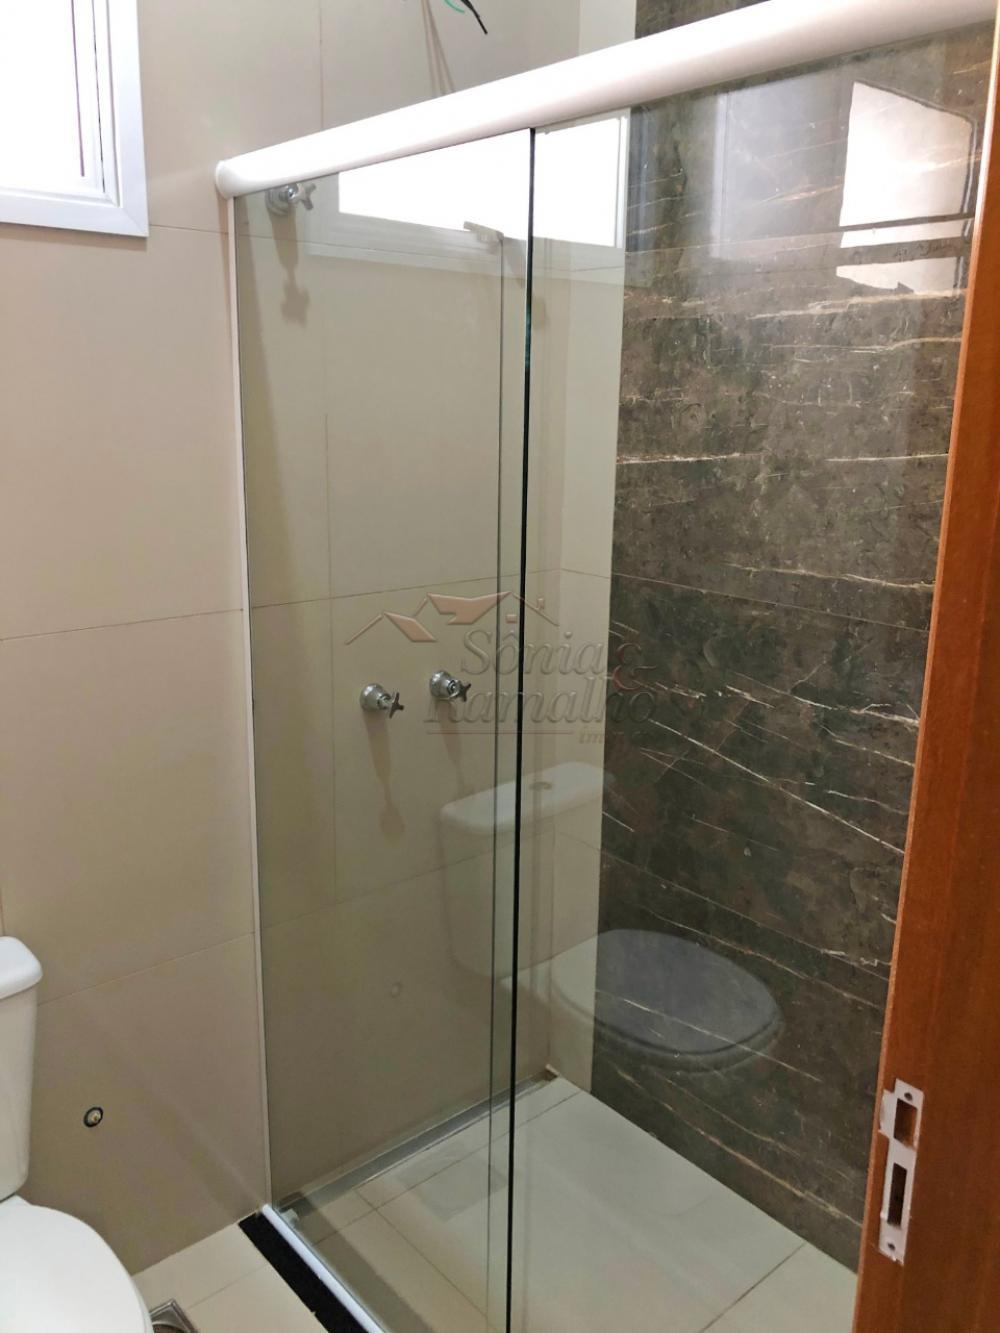 Comprar Casas / Condomínio em Ribeirão Preto apenas R$ 690.000,00 - Foto 8